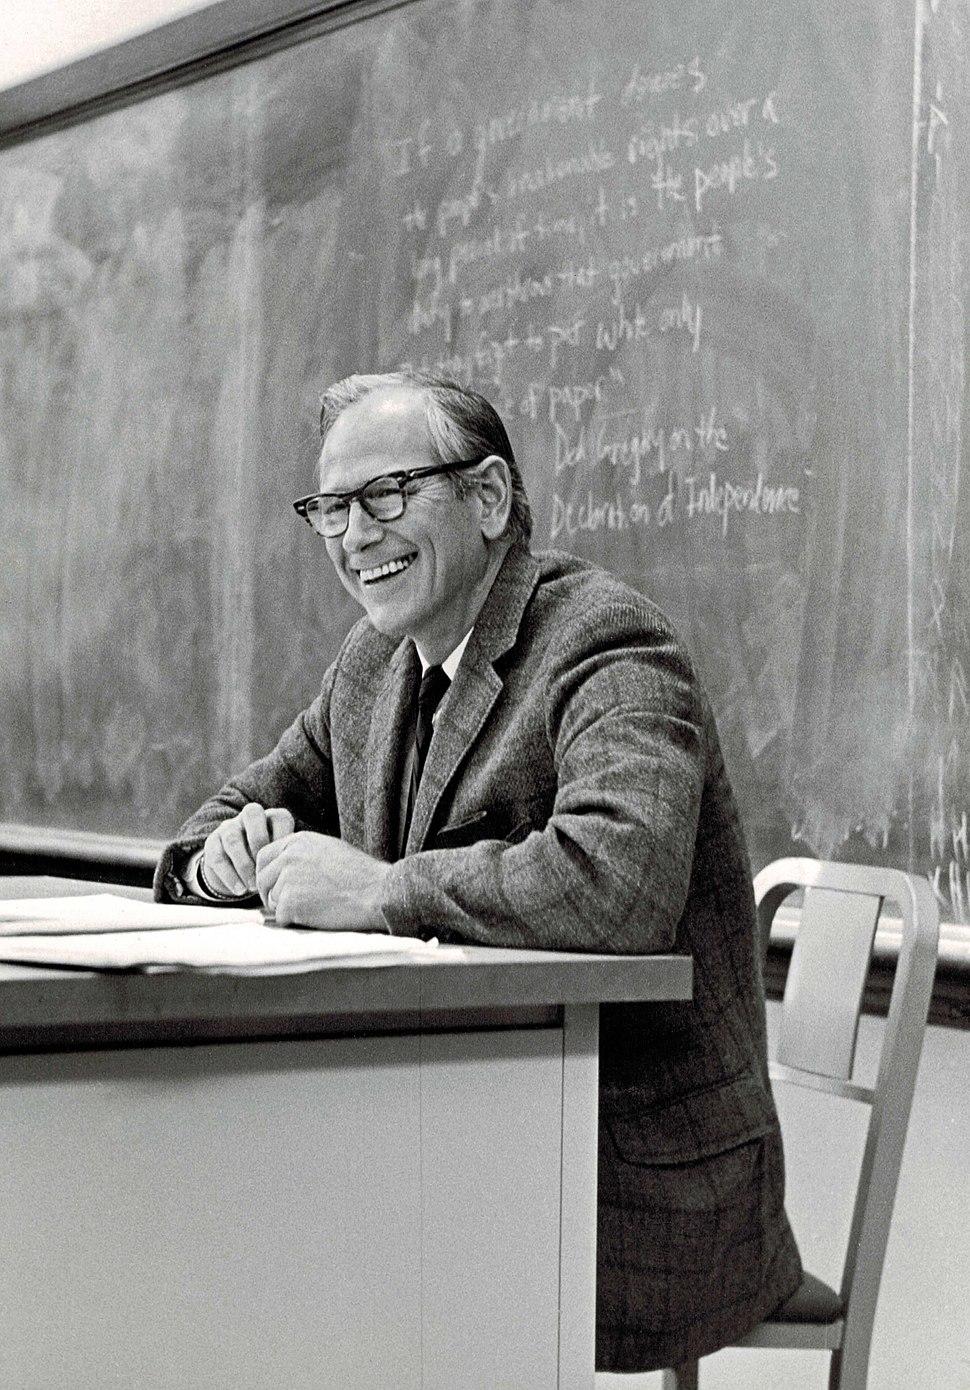 Robert A. Dahl in the Classroom